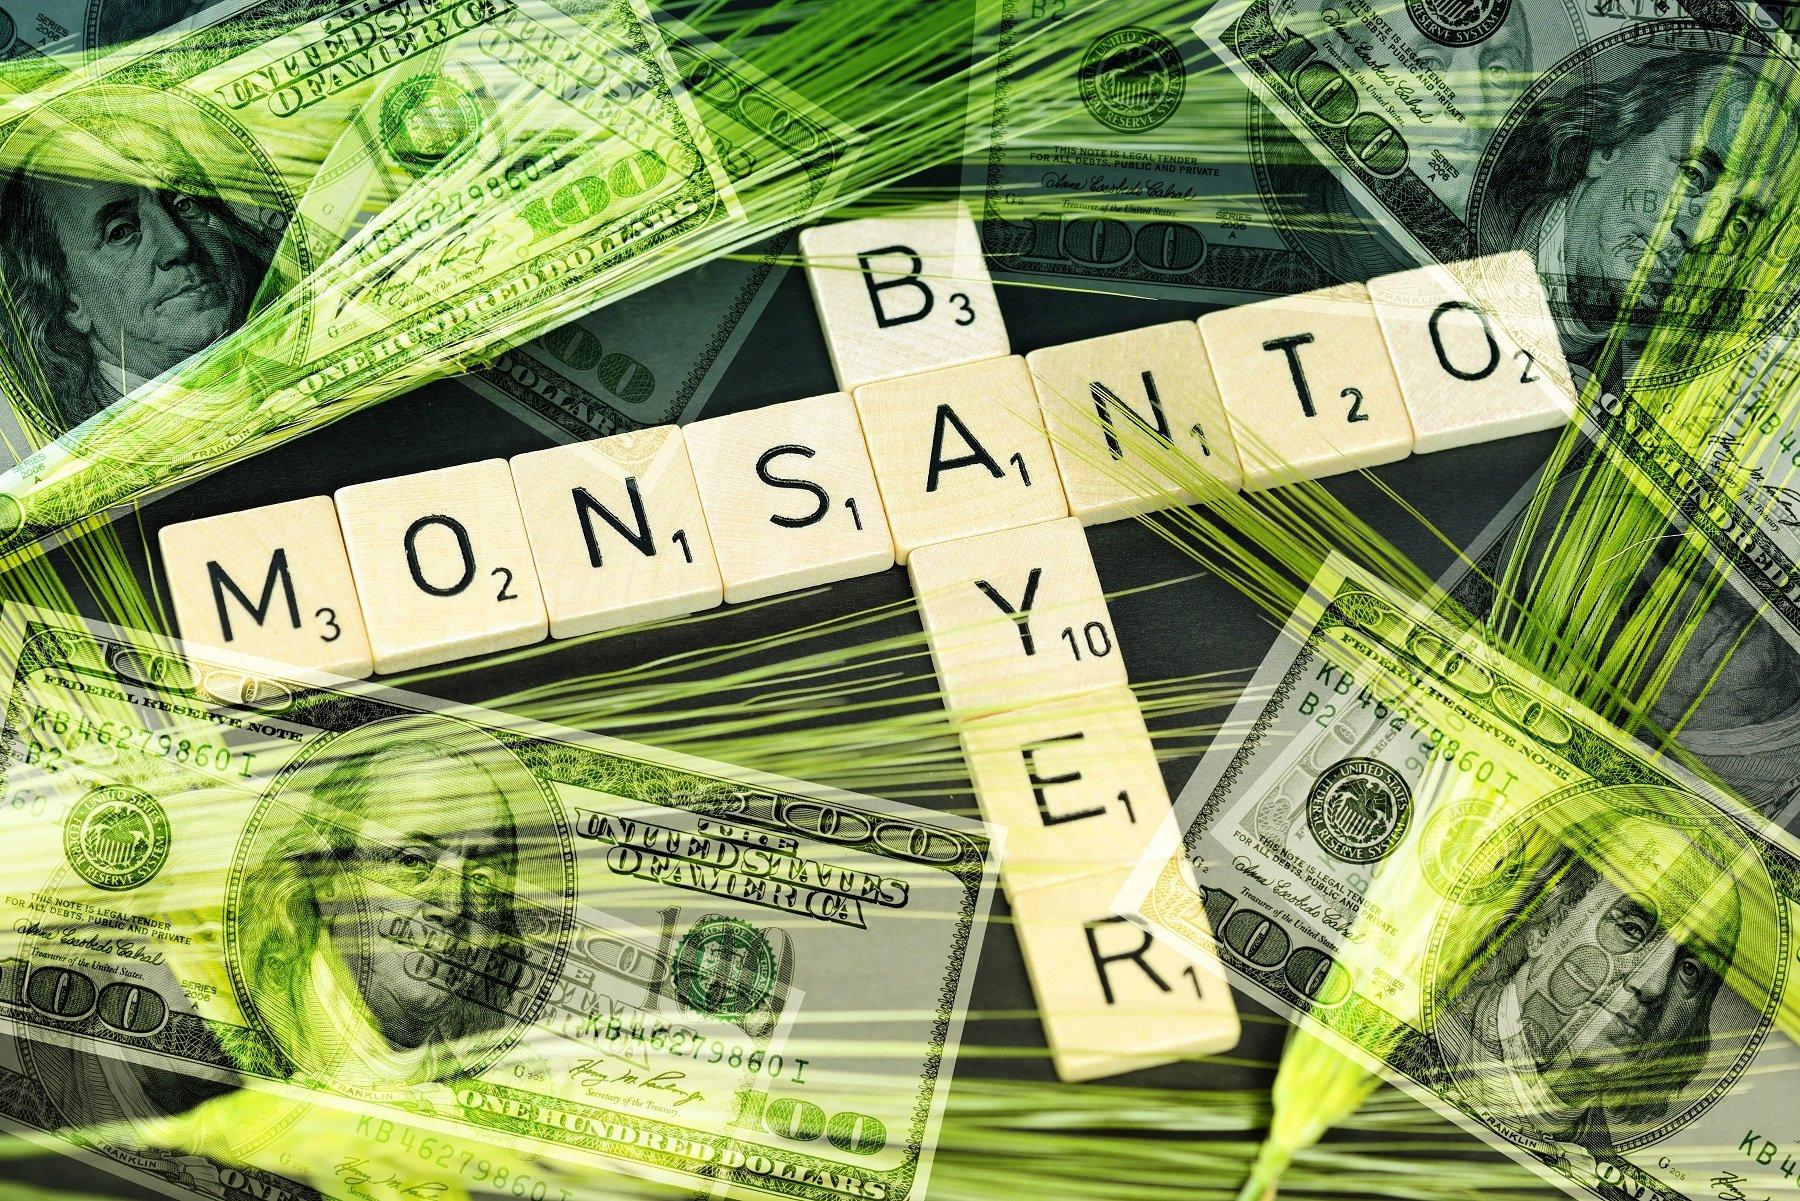 """Компания """"Монсанто"""" принадлежит фармацевтической компании, а их средство для борьбы с сорняками спонсирует производство генномодифицированной сельскохозяйственной продукции"""